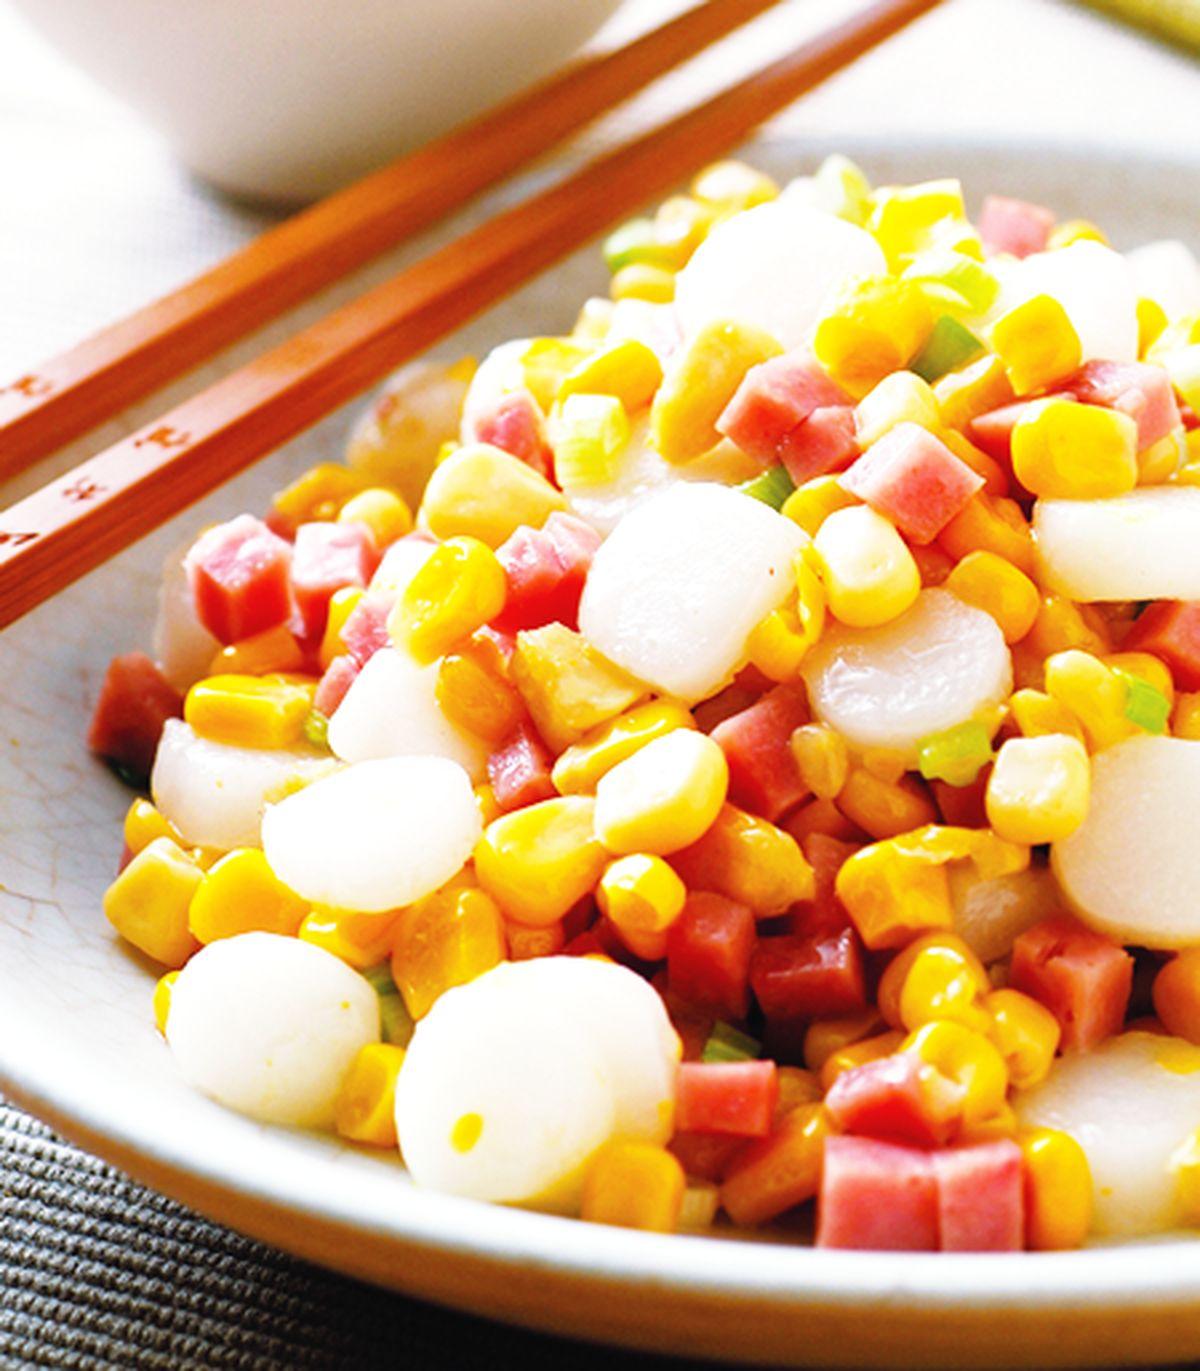 食譜:雙色玉米炒年糕